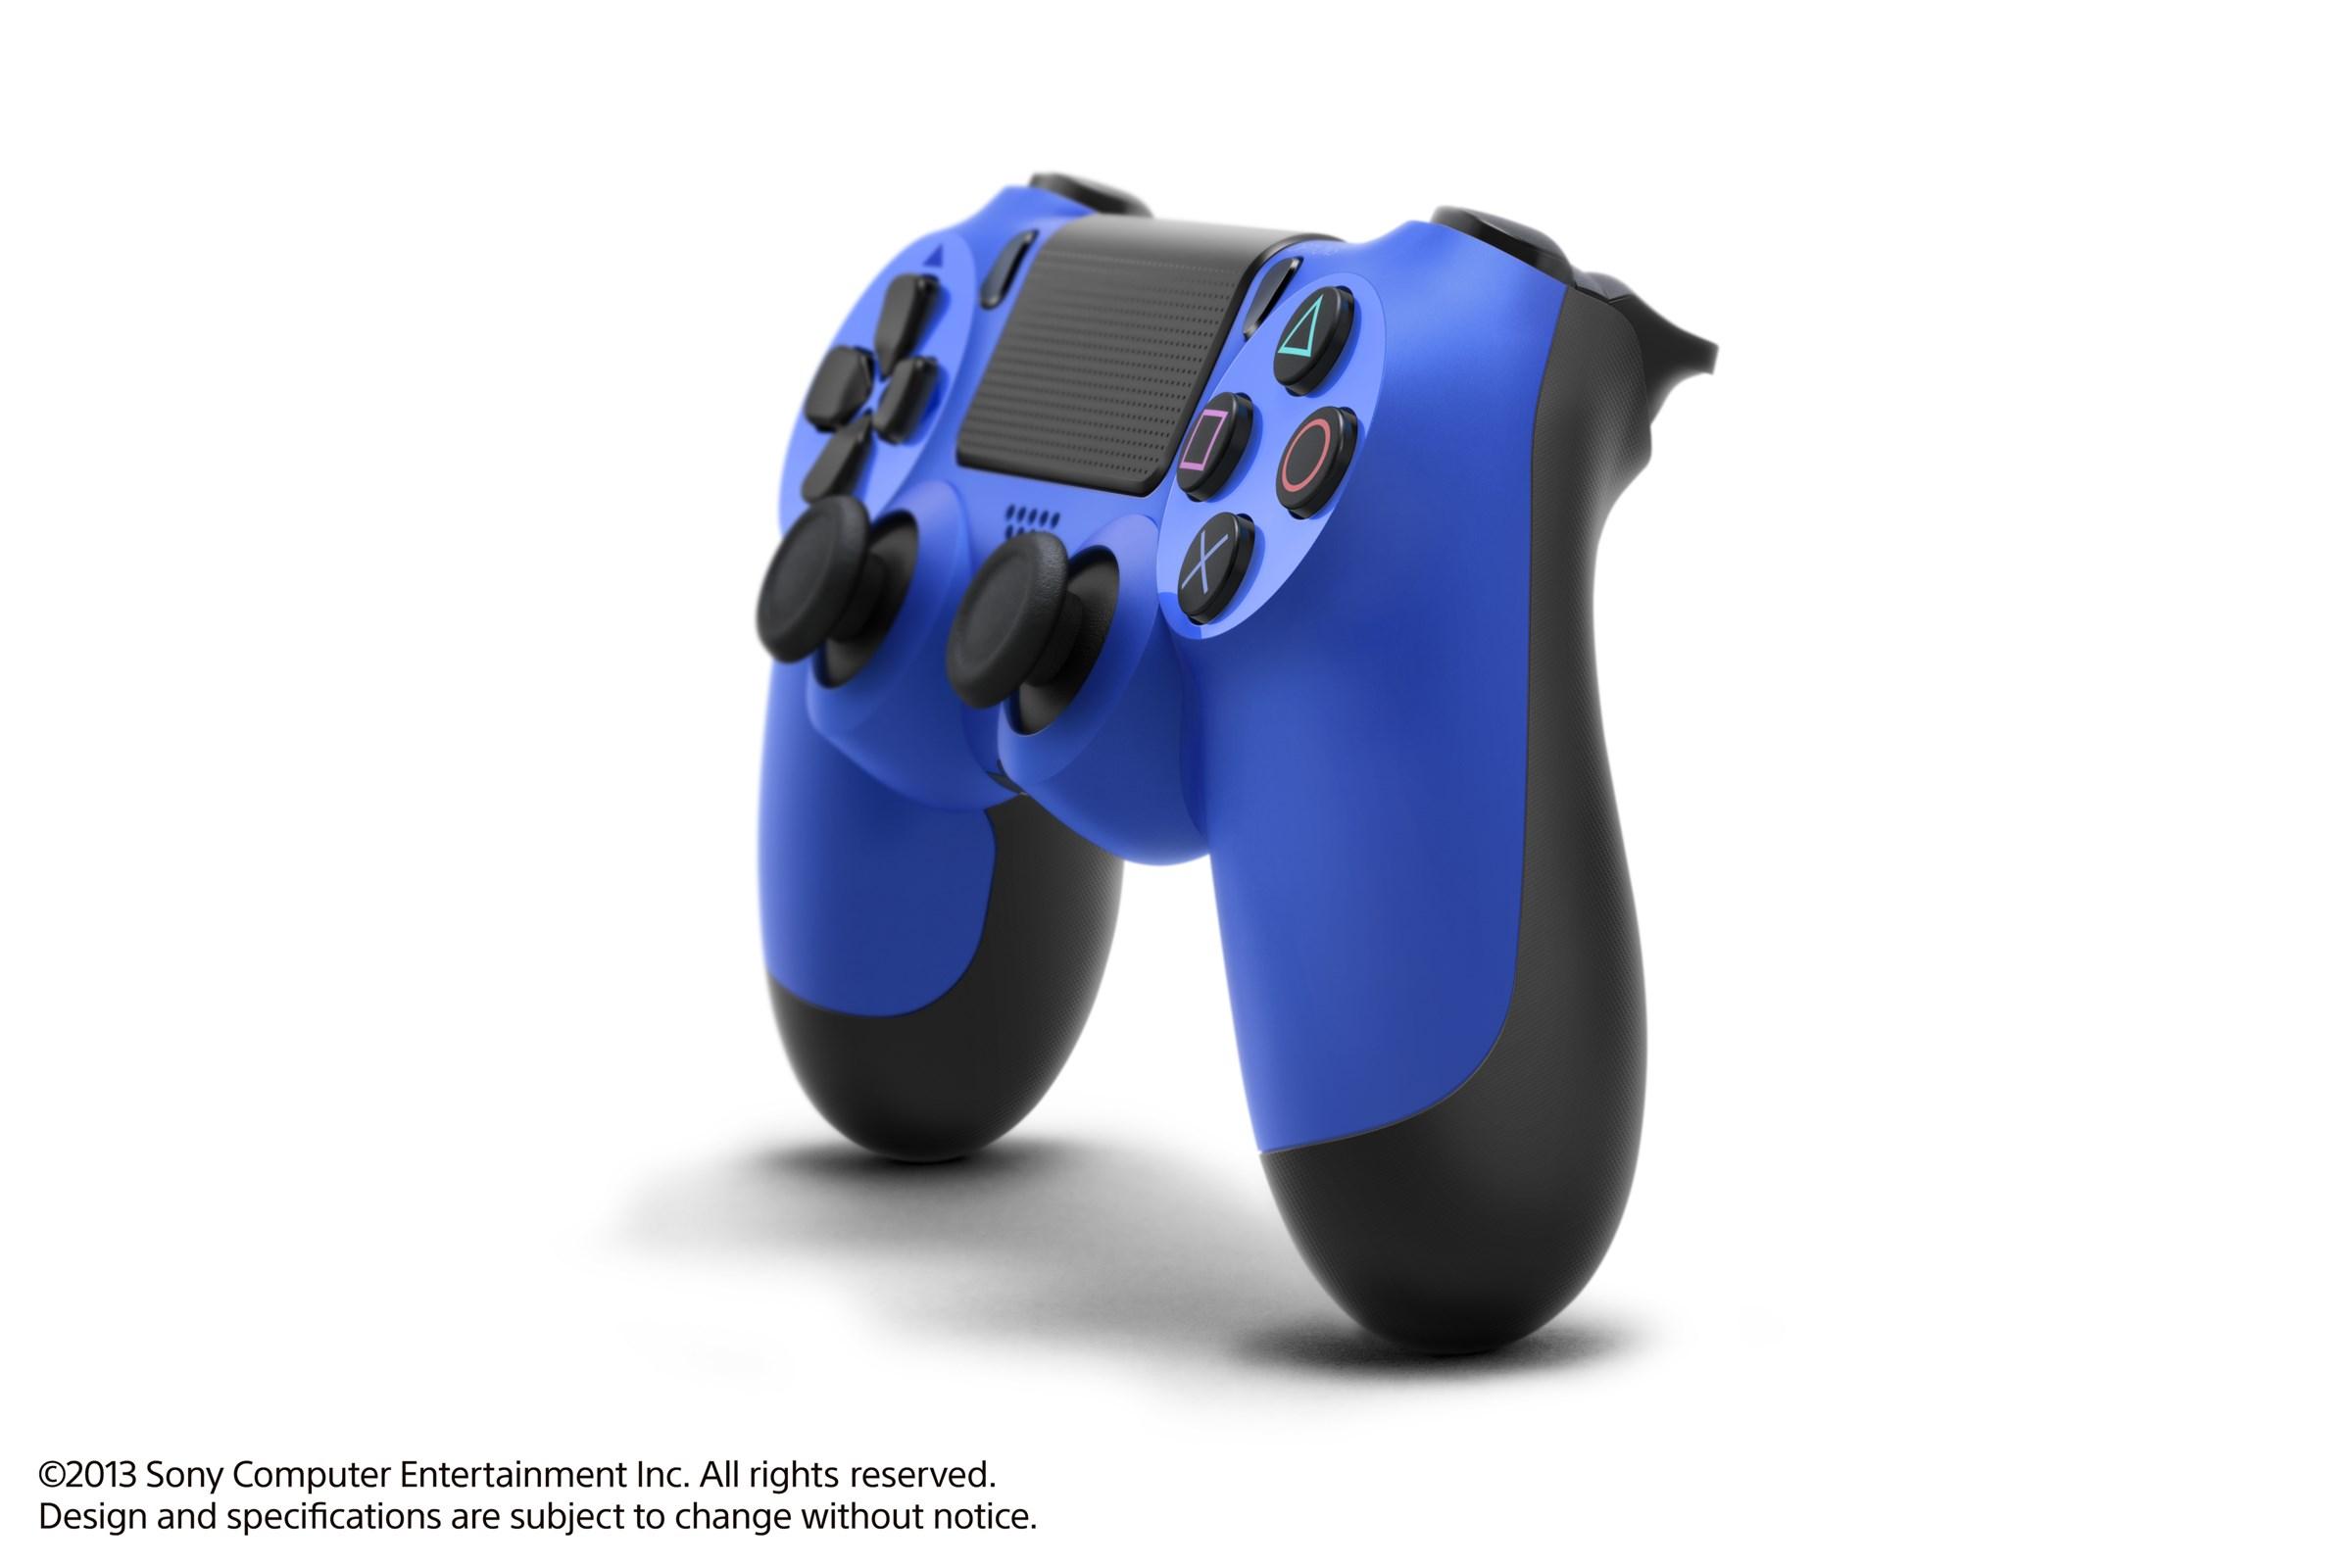 Modrá a červená varianta DualShocku 4 86428